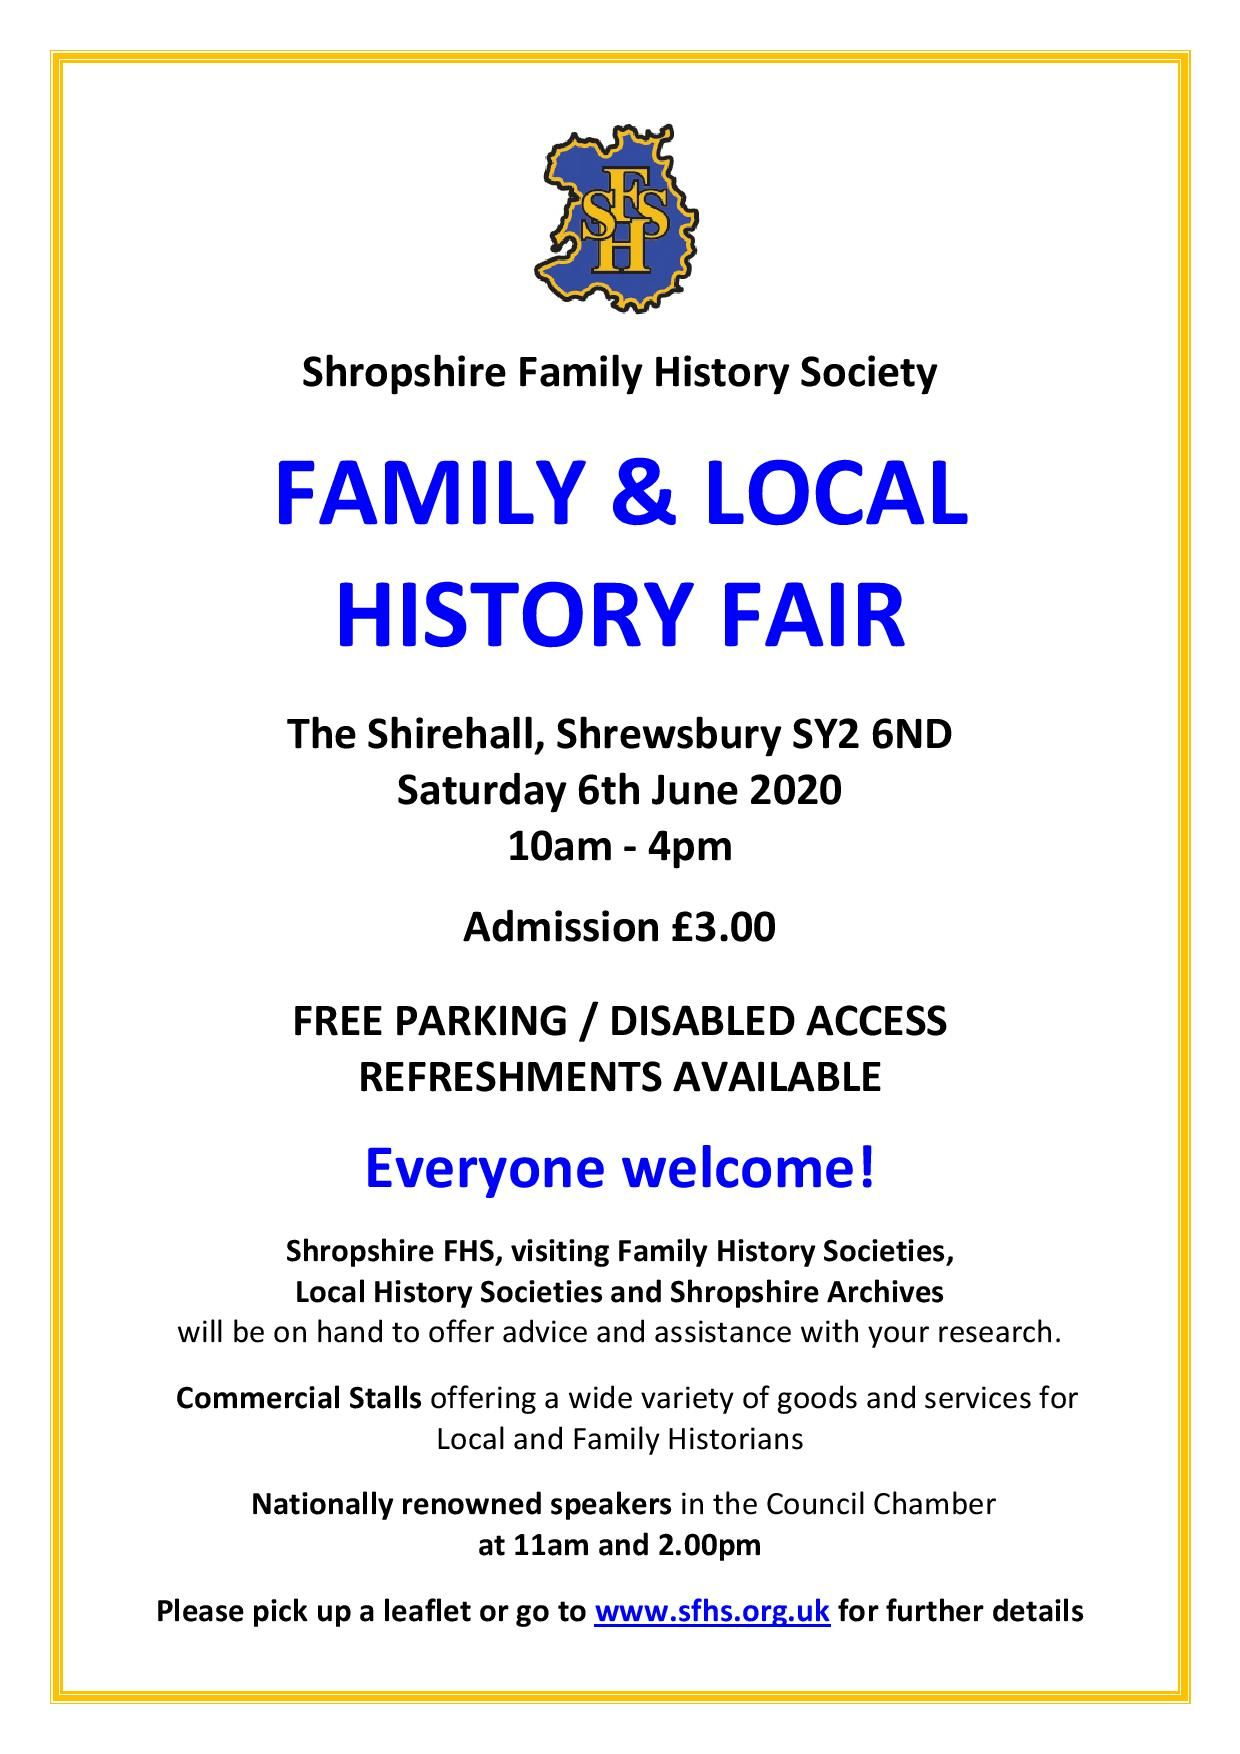 Shropshire Family History Fair